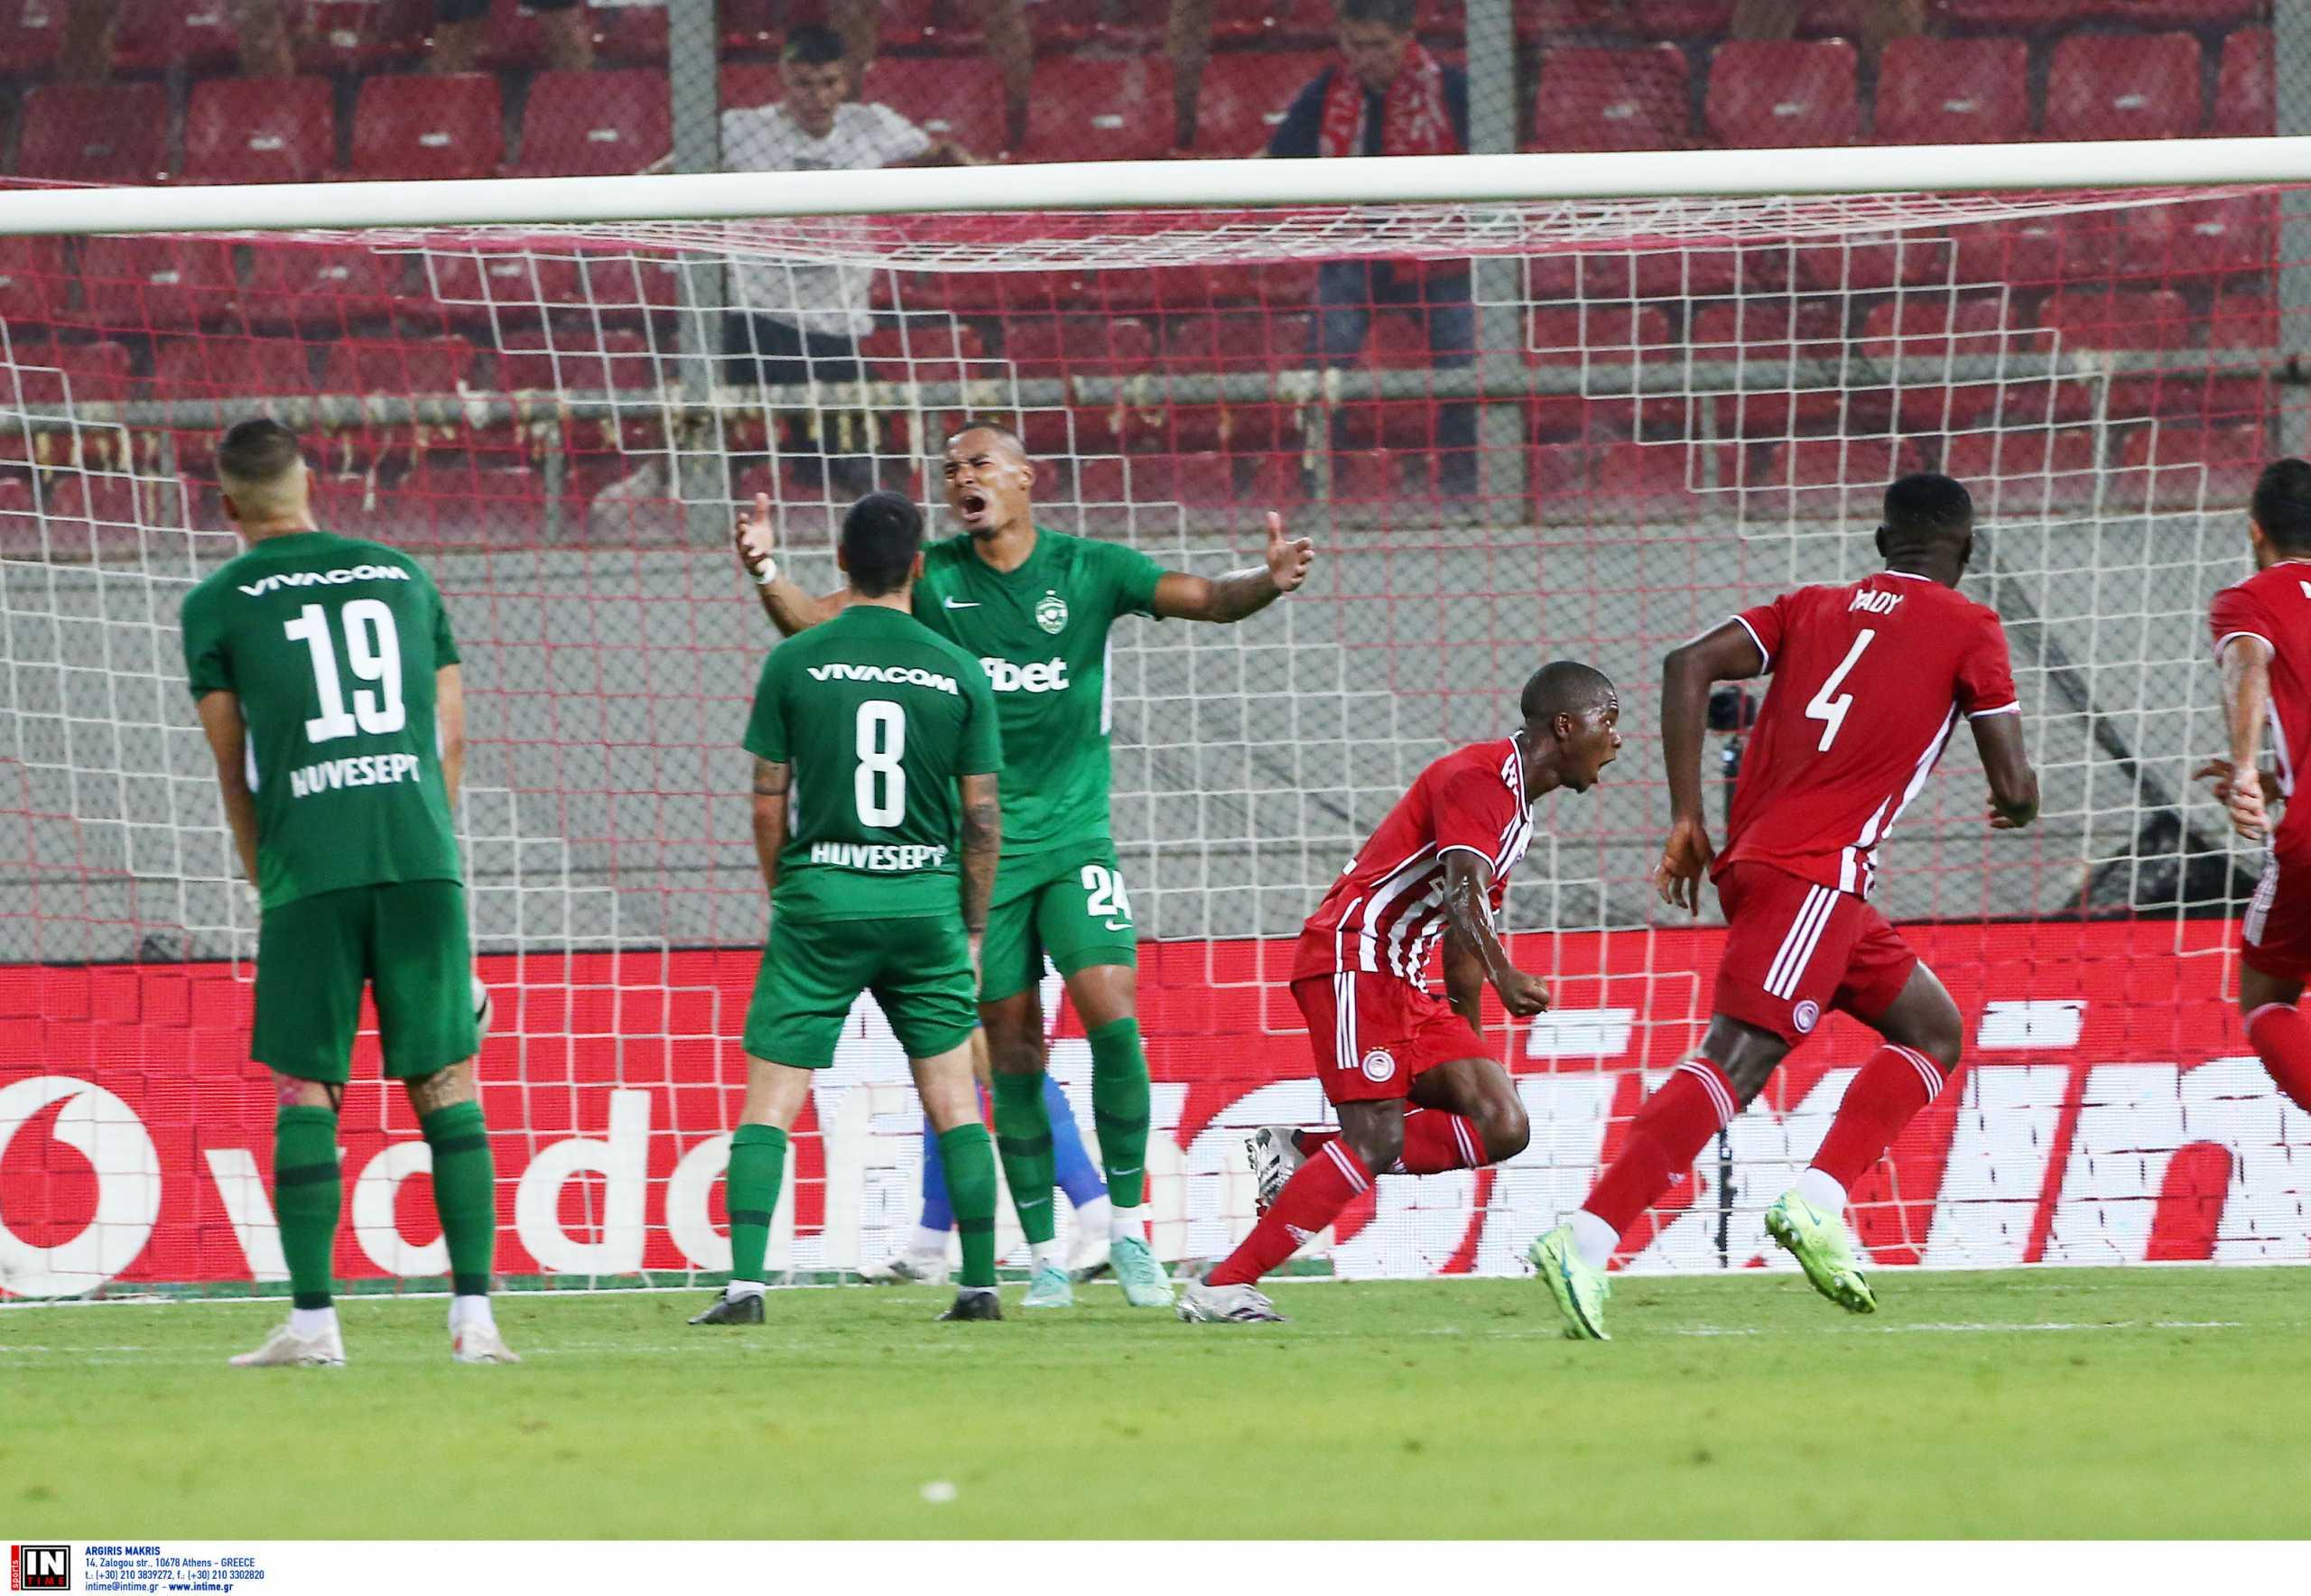 Ολυμπιακός – Λουντογκόρετς 1-1: «Λυτρωτής» ο Αγκιμπού Καμαρά και η πρόκριση κρίνεται στη Βουλγαρία